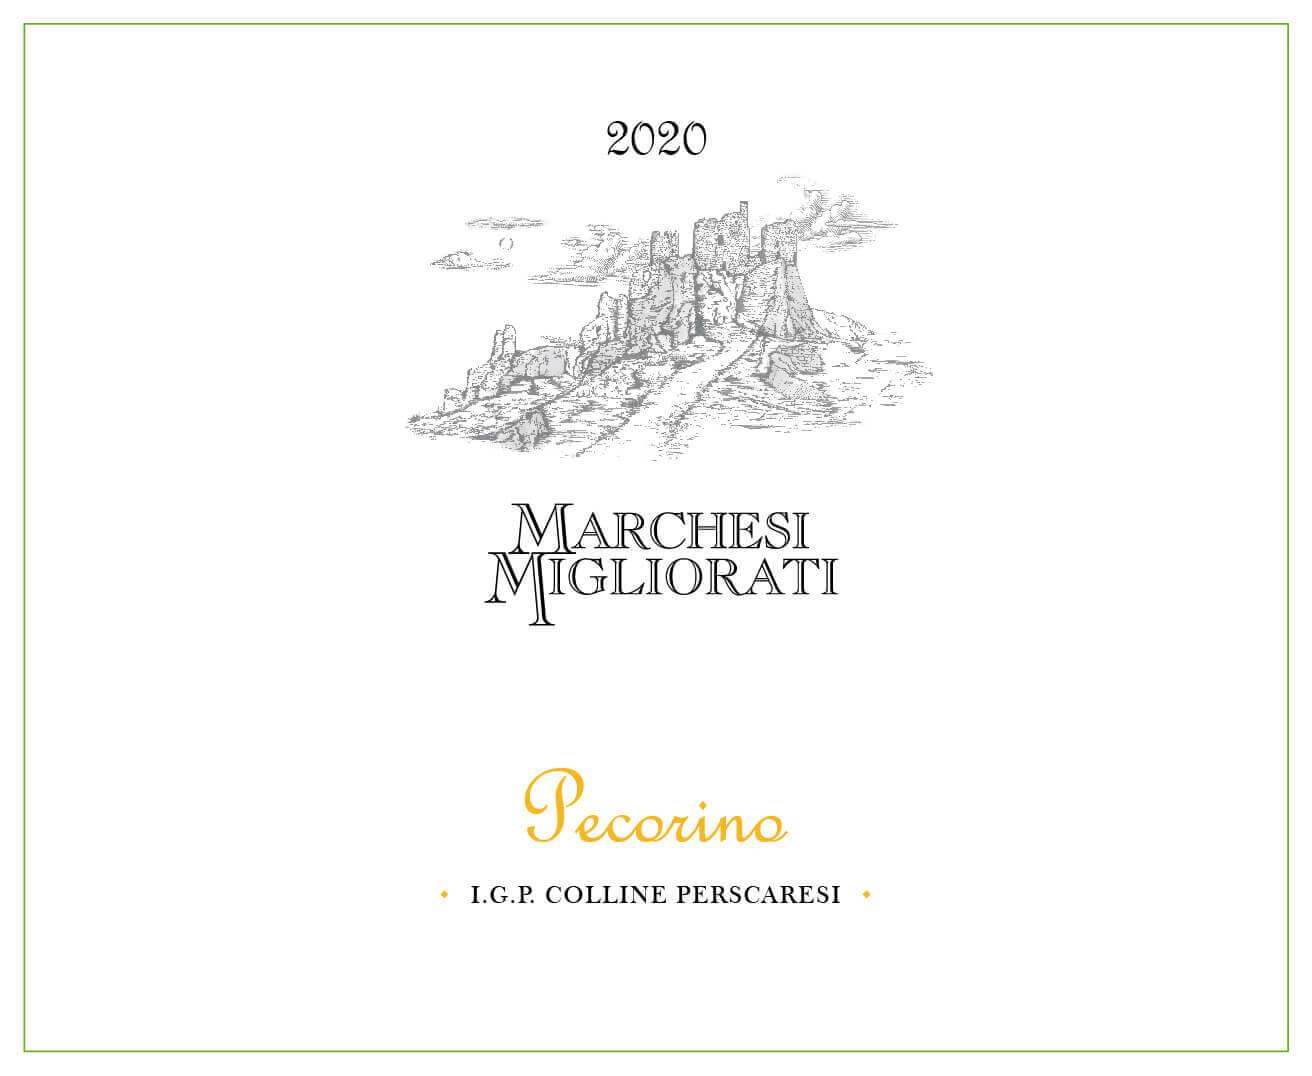 front_Marchesi_Migliorati_PECORINO_2020_USA